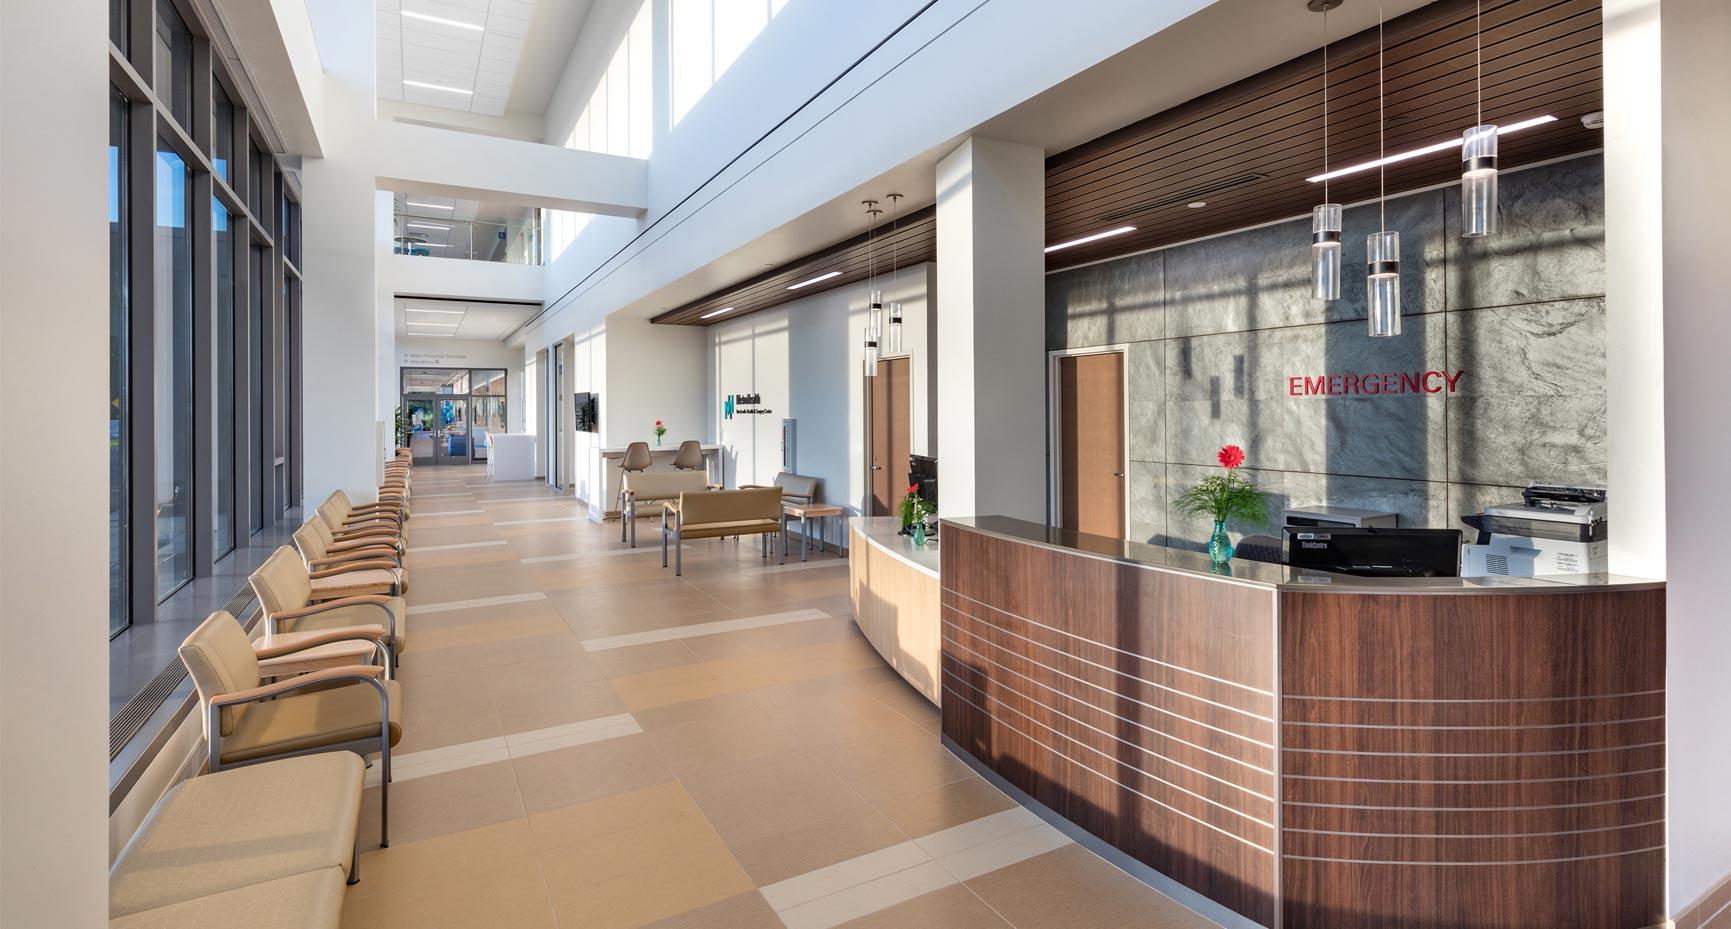 MetroHealth Brecksville Health Center Emergency Department